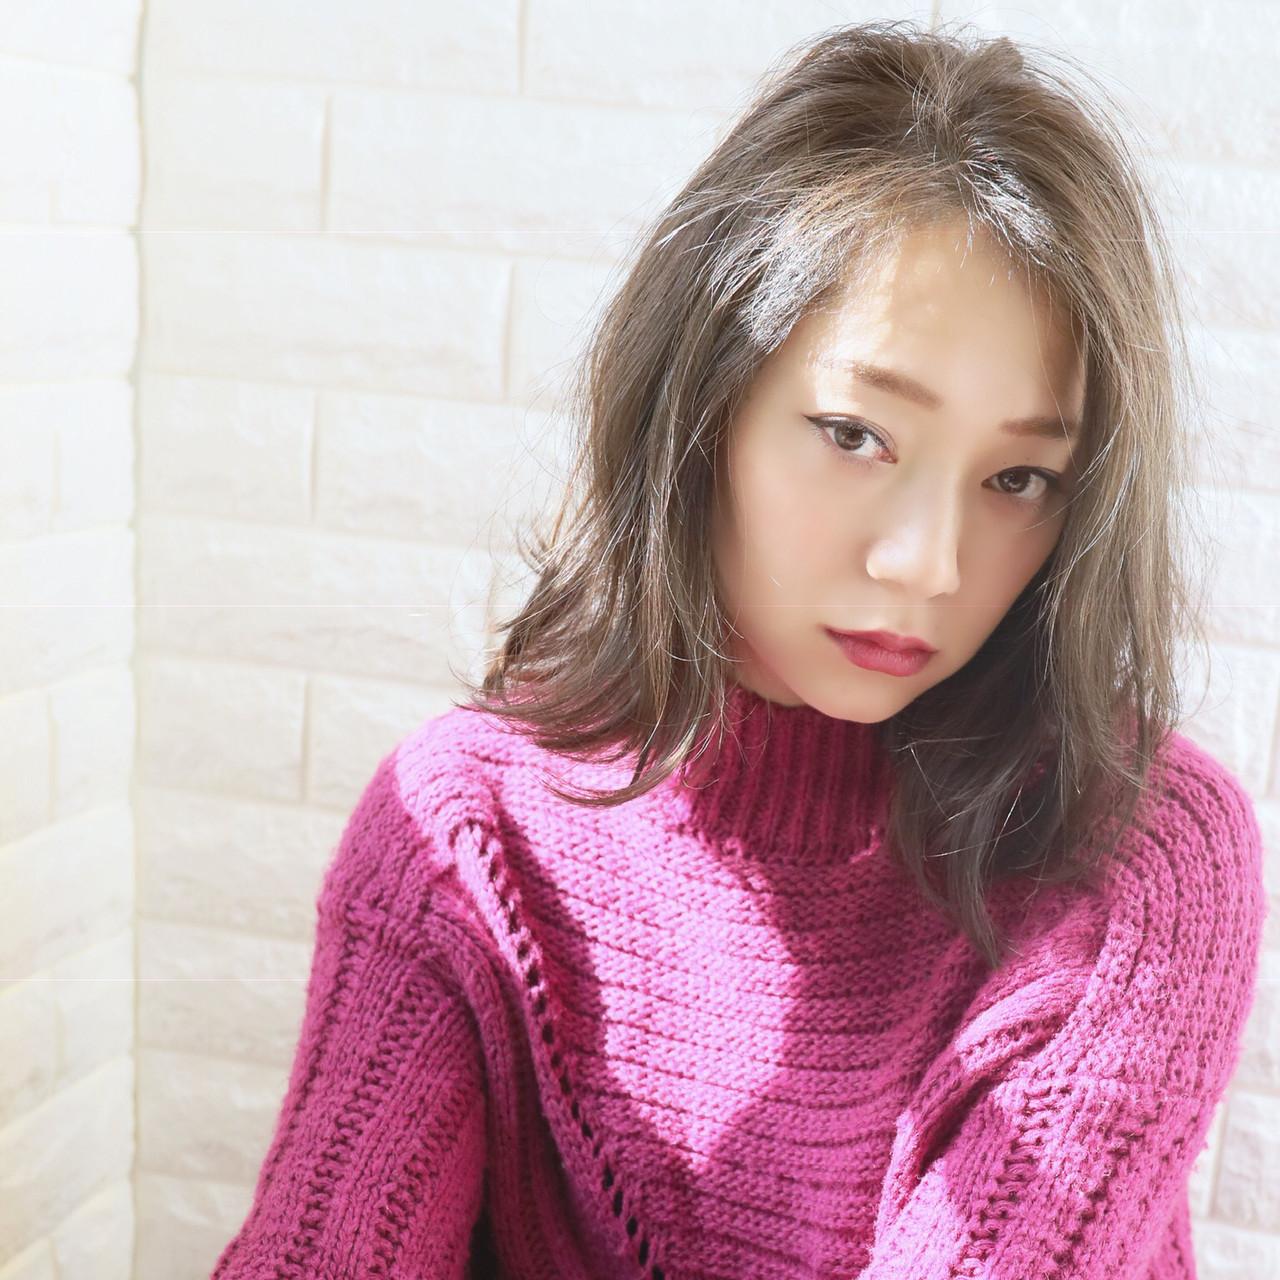 耳かけ 透明感カラー ストリート 大人女子 ヘアスタイルや髪型の写真・画像 | 田中 秀樹 / gallaria elegante 名駅